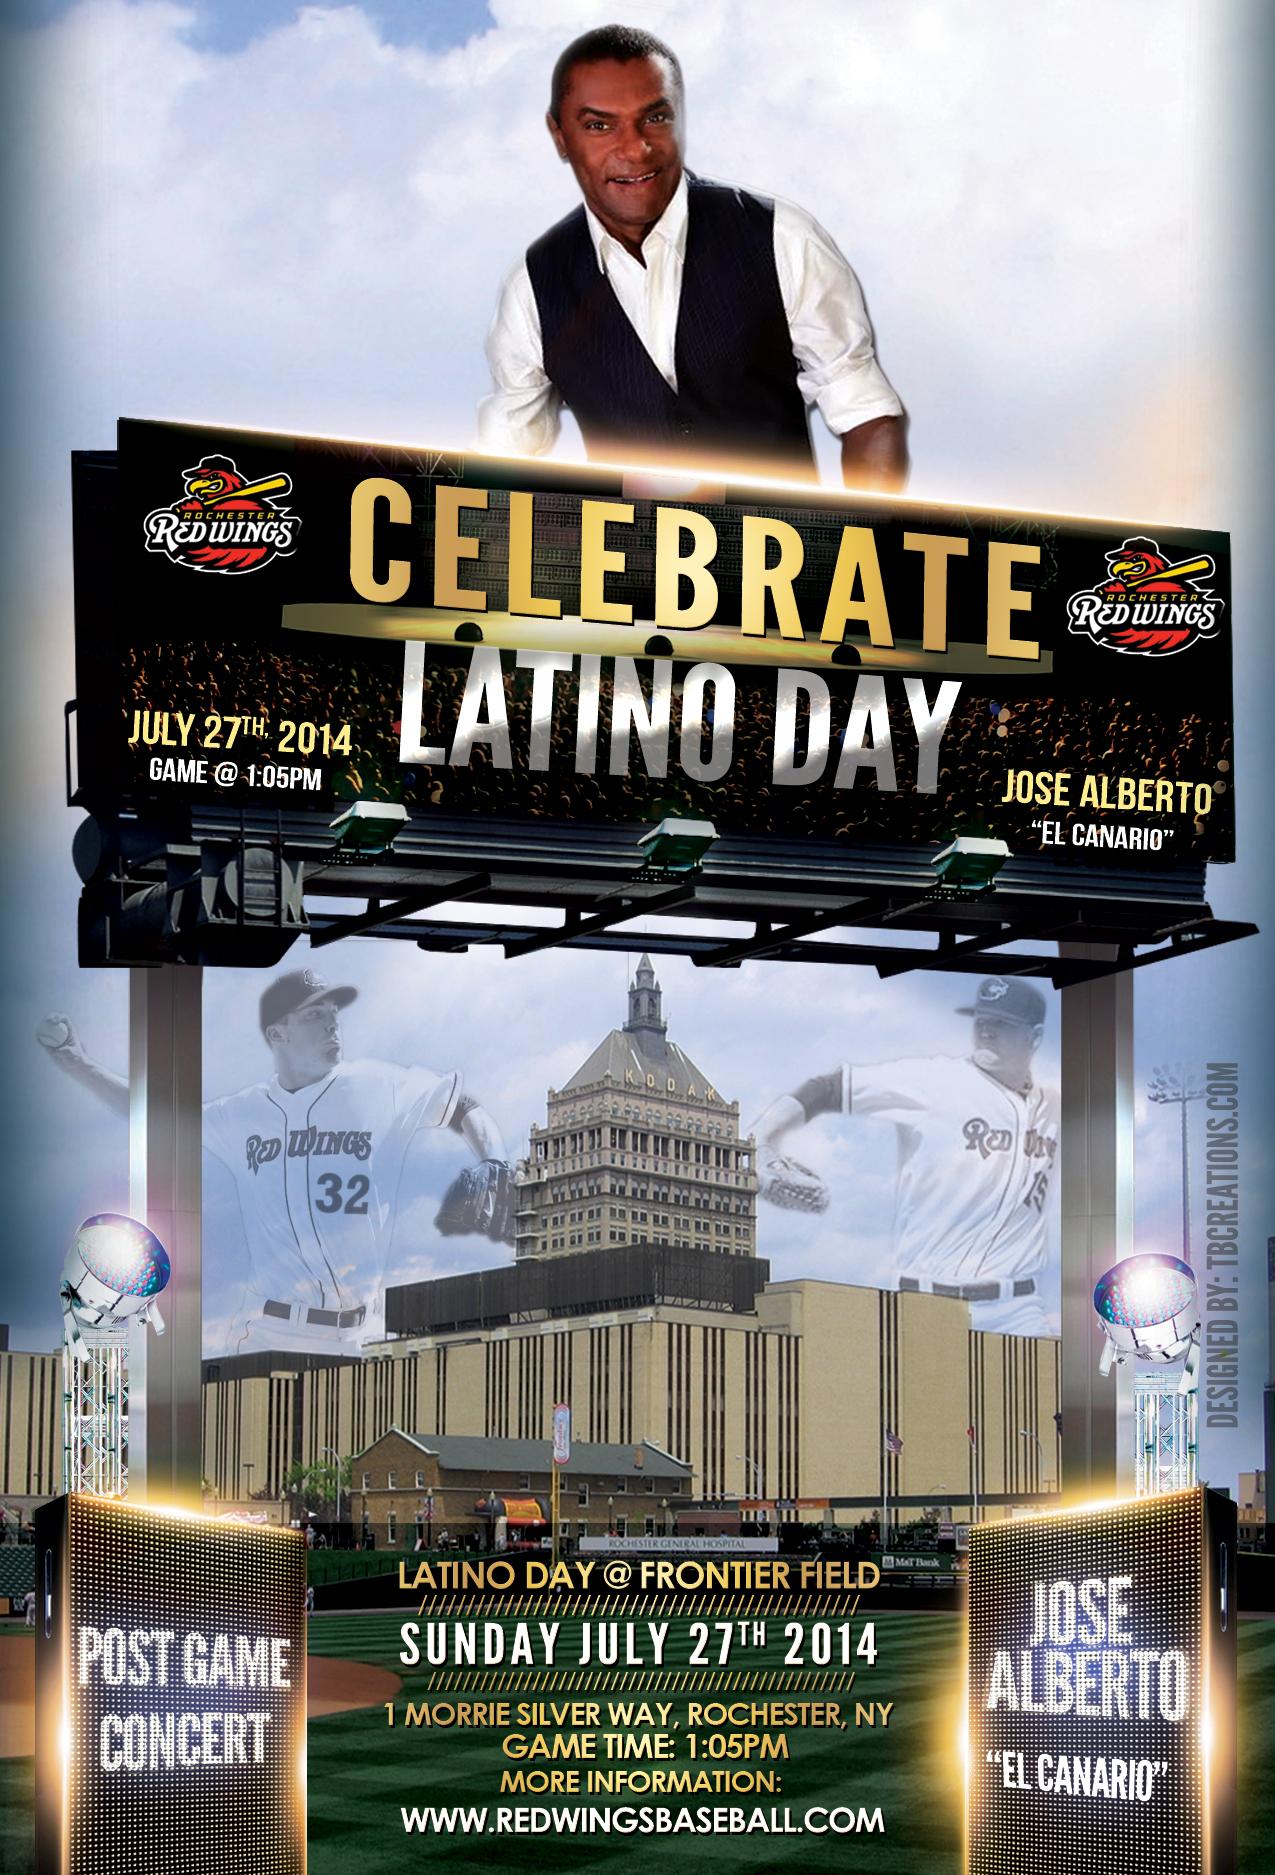 Latino Day